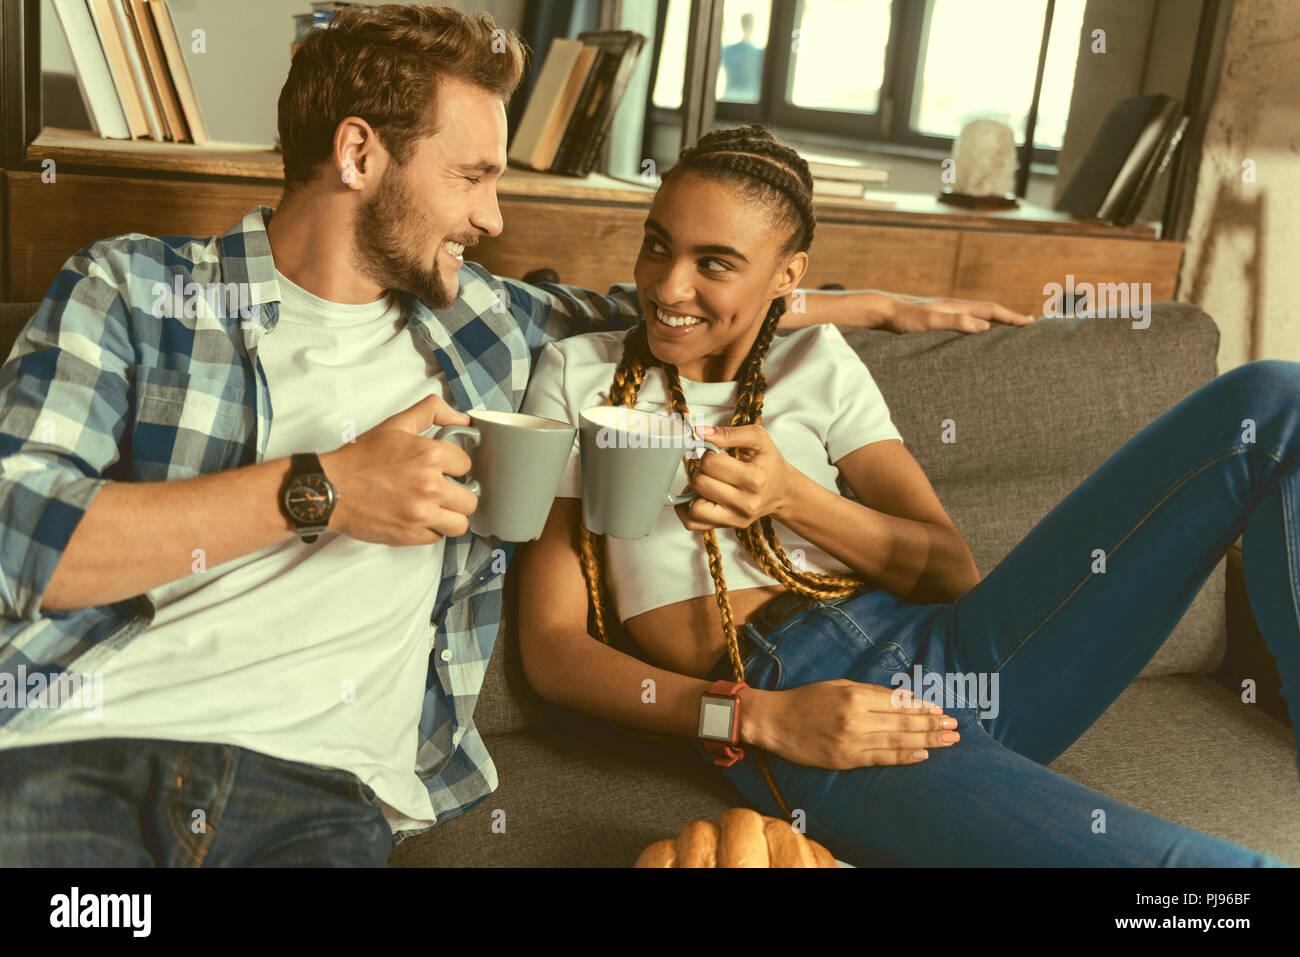 International couple enjoying tea together - Stock Image